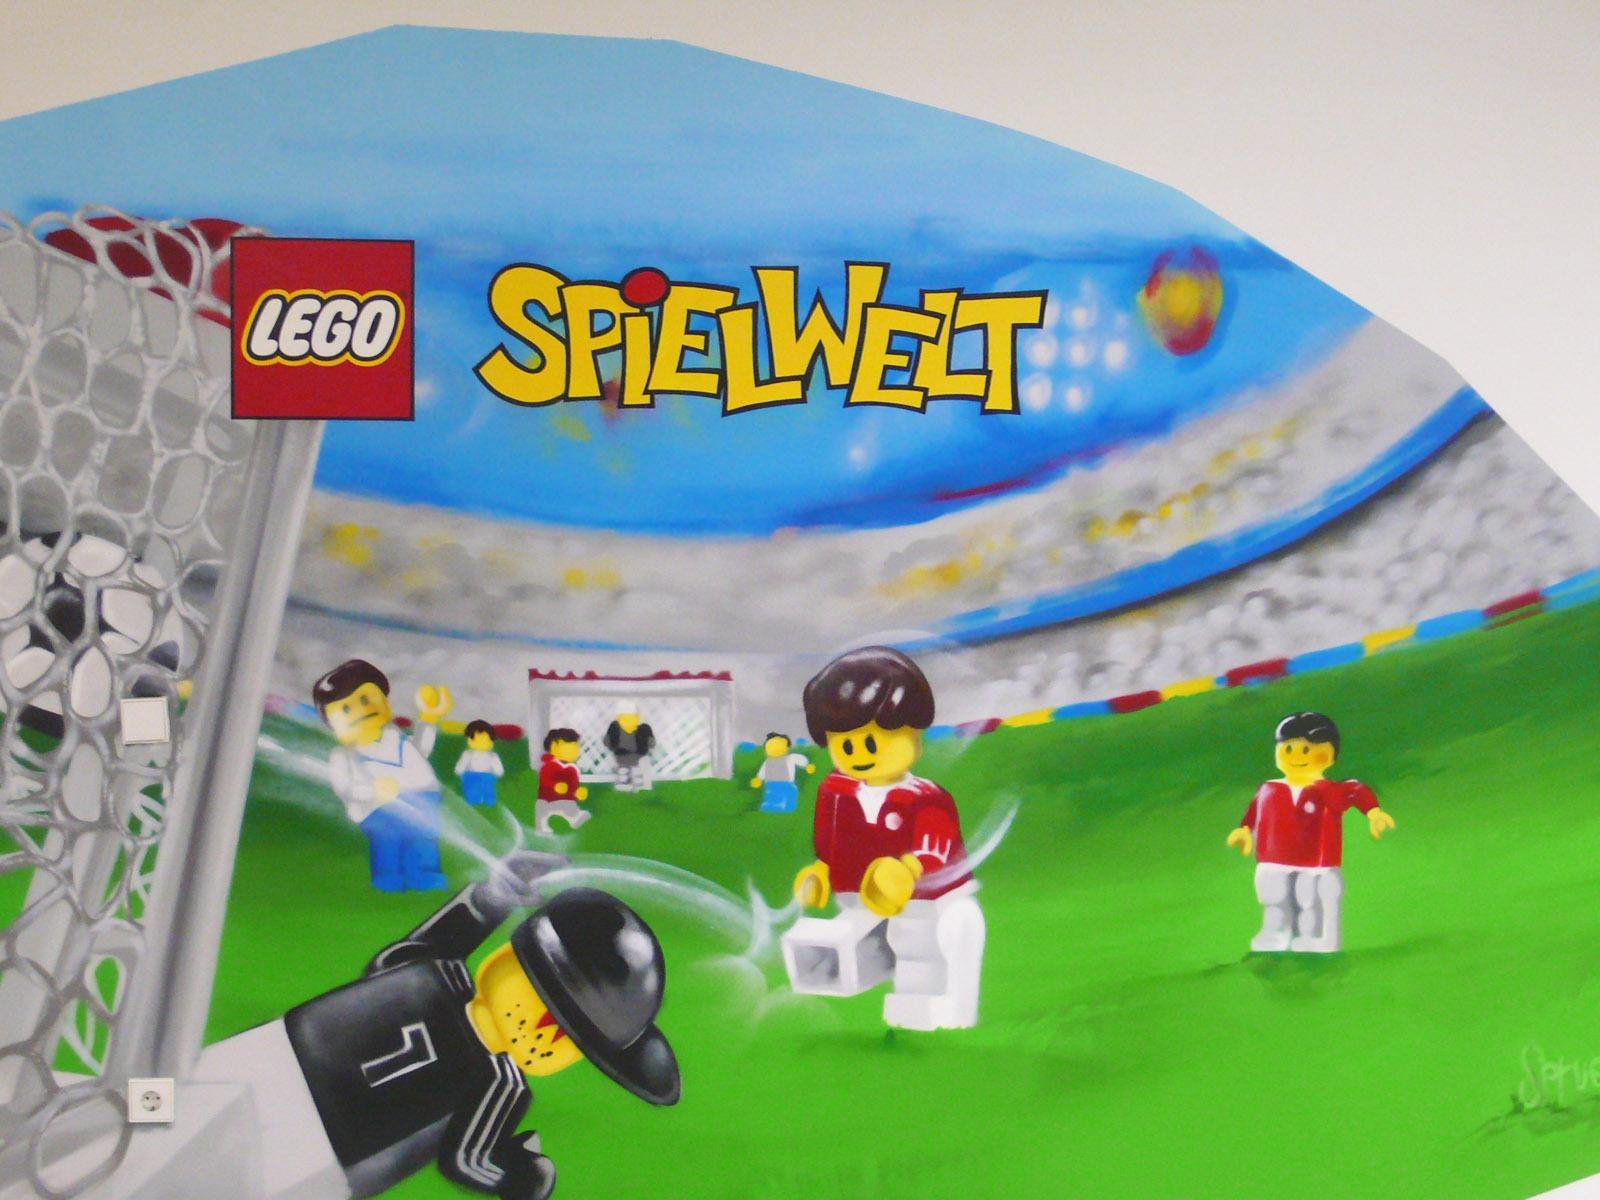 graffitiauftrag-graffitikuenstler-artmos4-lego-2011-fahrzeug-auto-flugzeug-landschaft-tier-wasser-feuerwehr-fussball-innen-bunt-comic-spielzeug